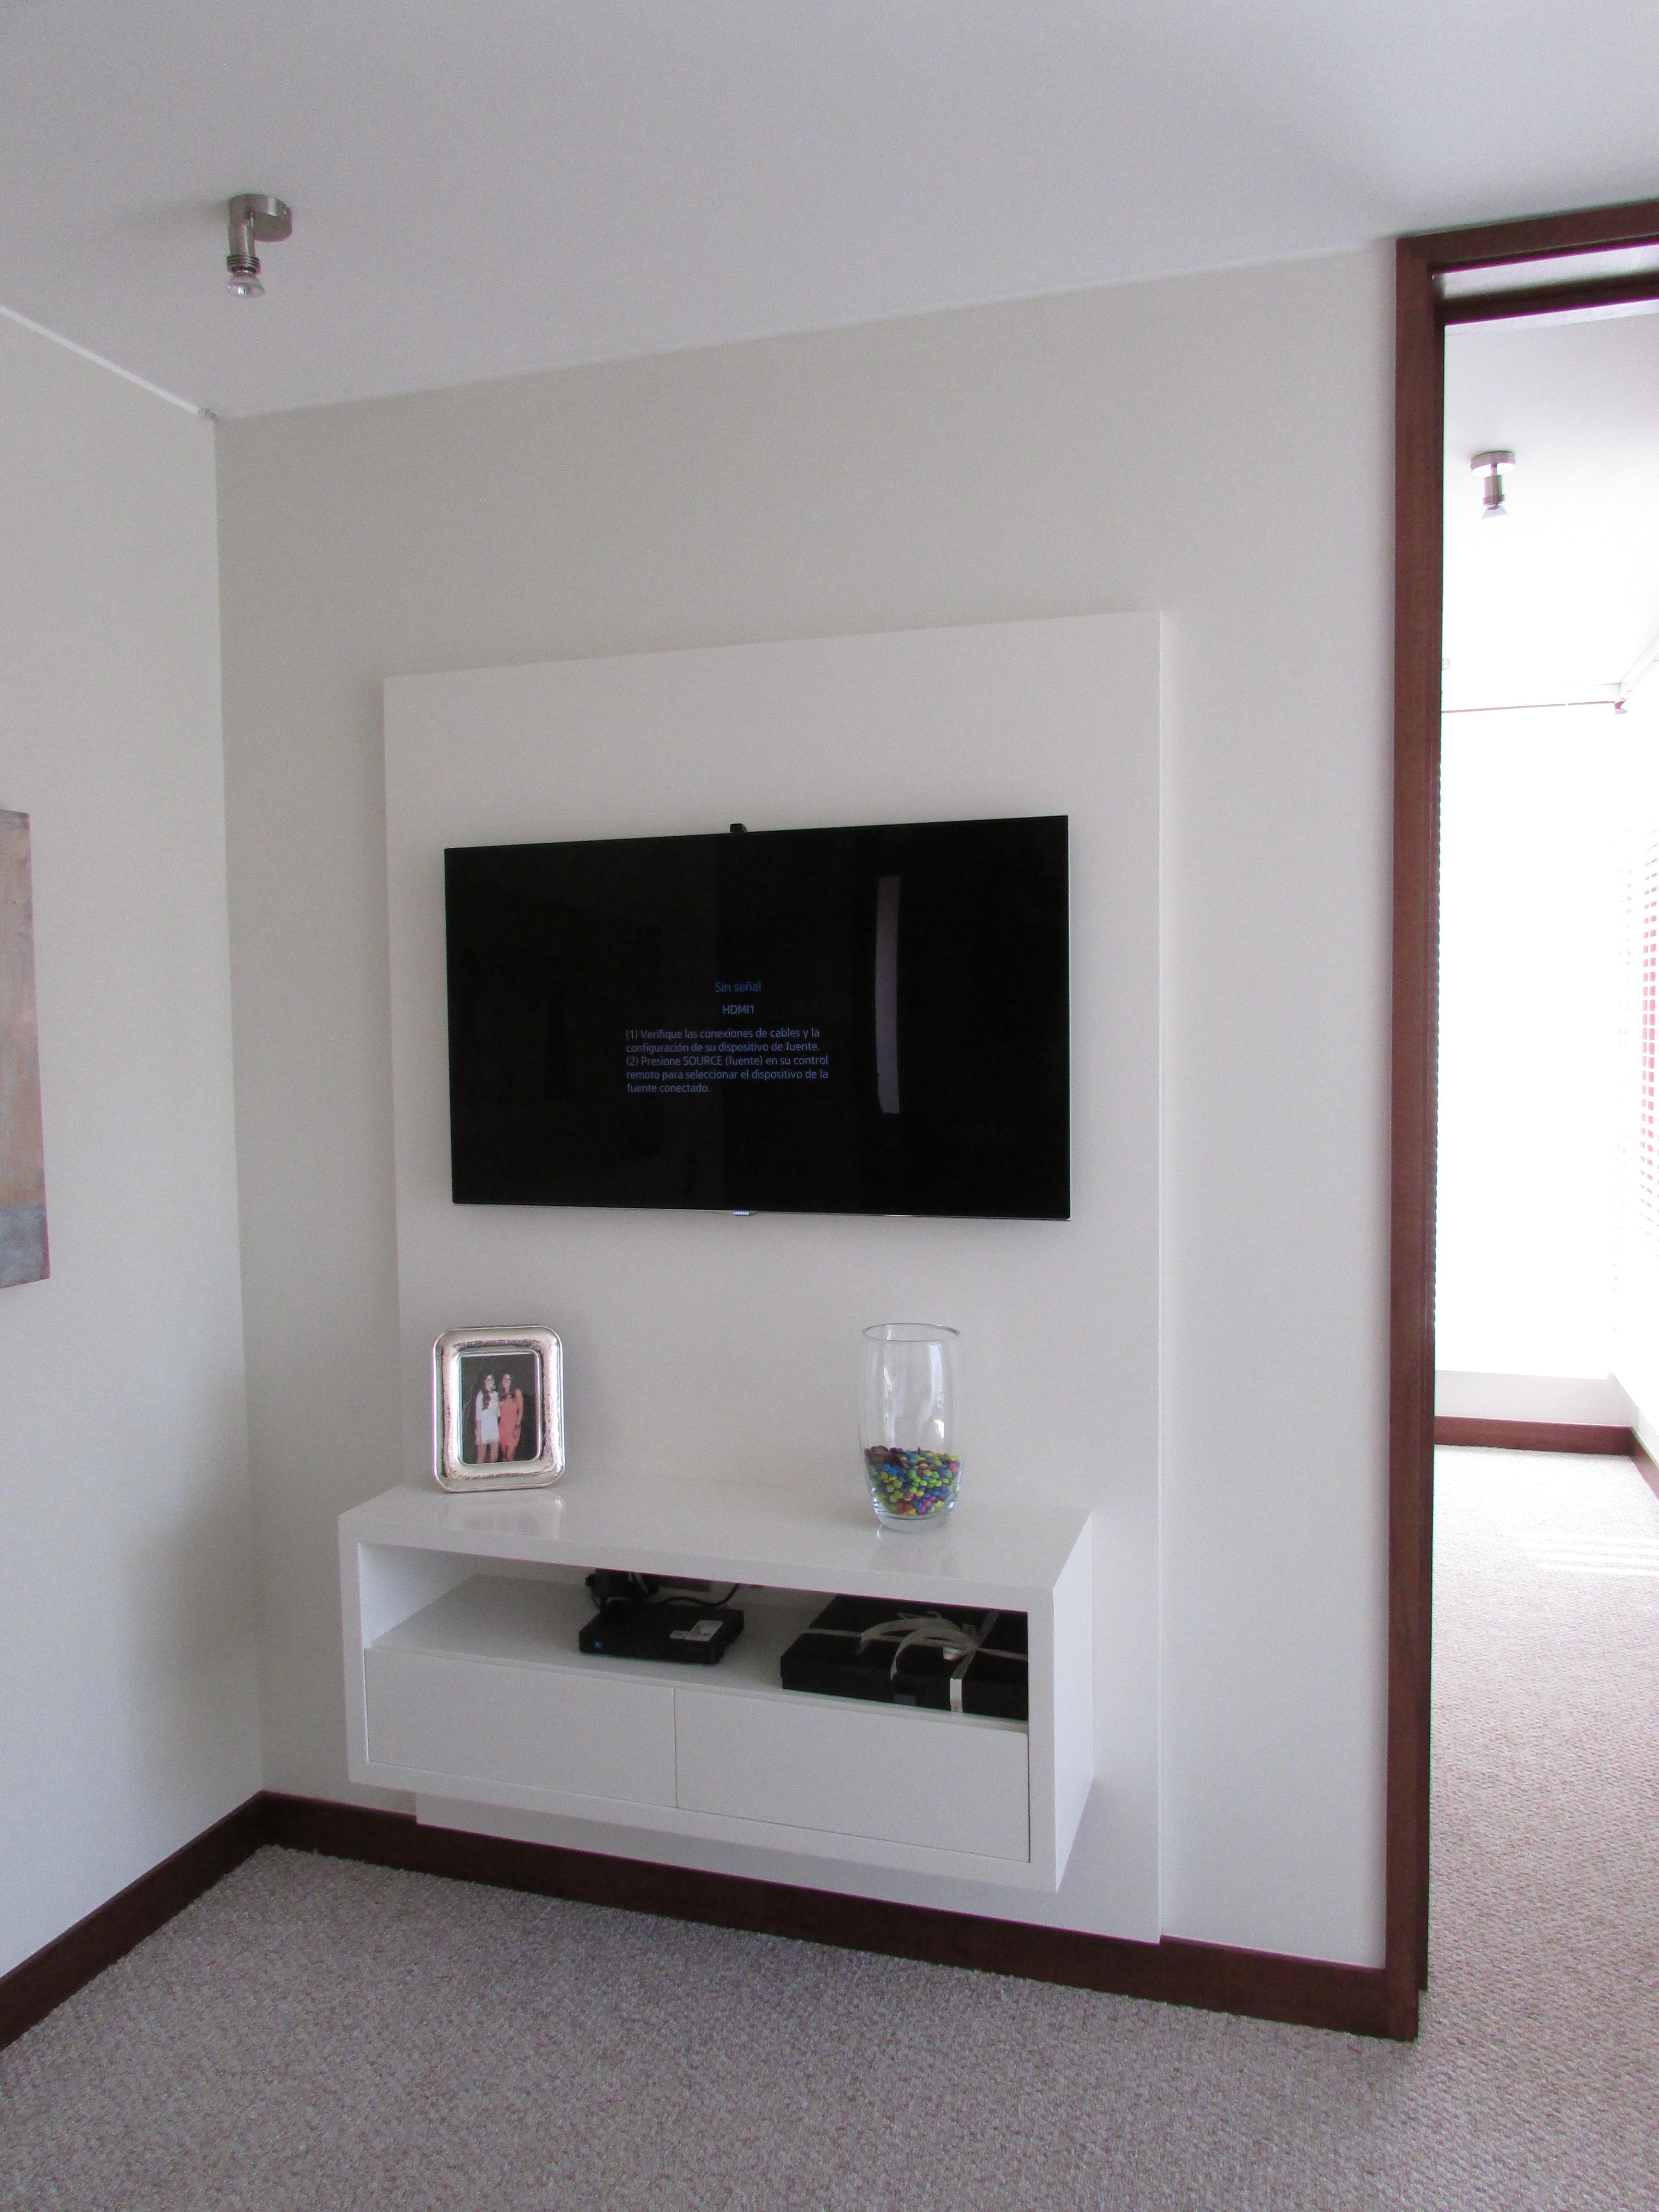 Mueble de televisi n ferrari muebles y espacios for Mueble tv dormitorio